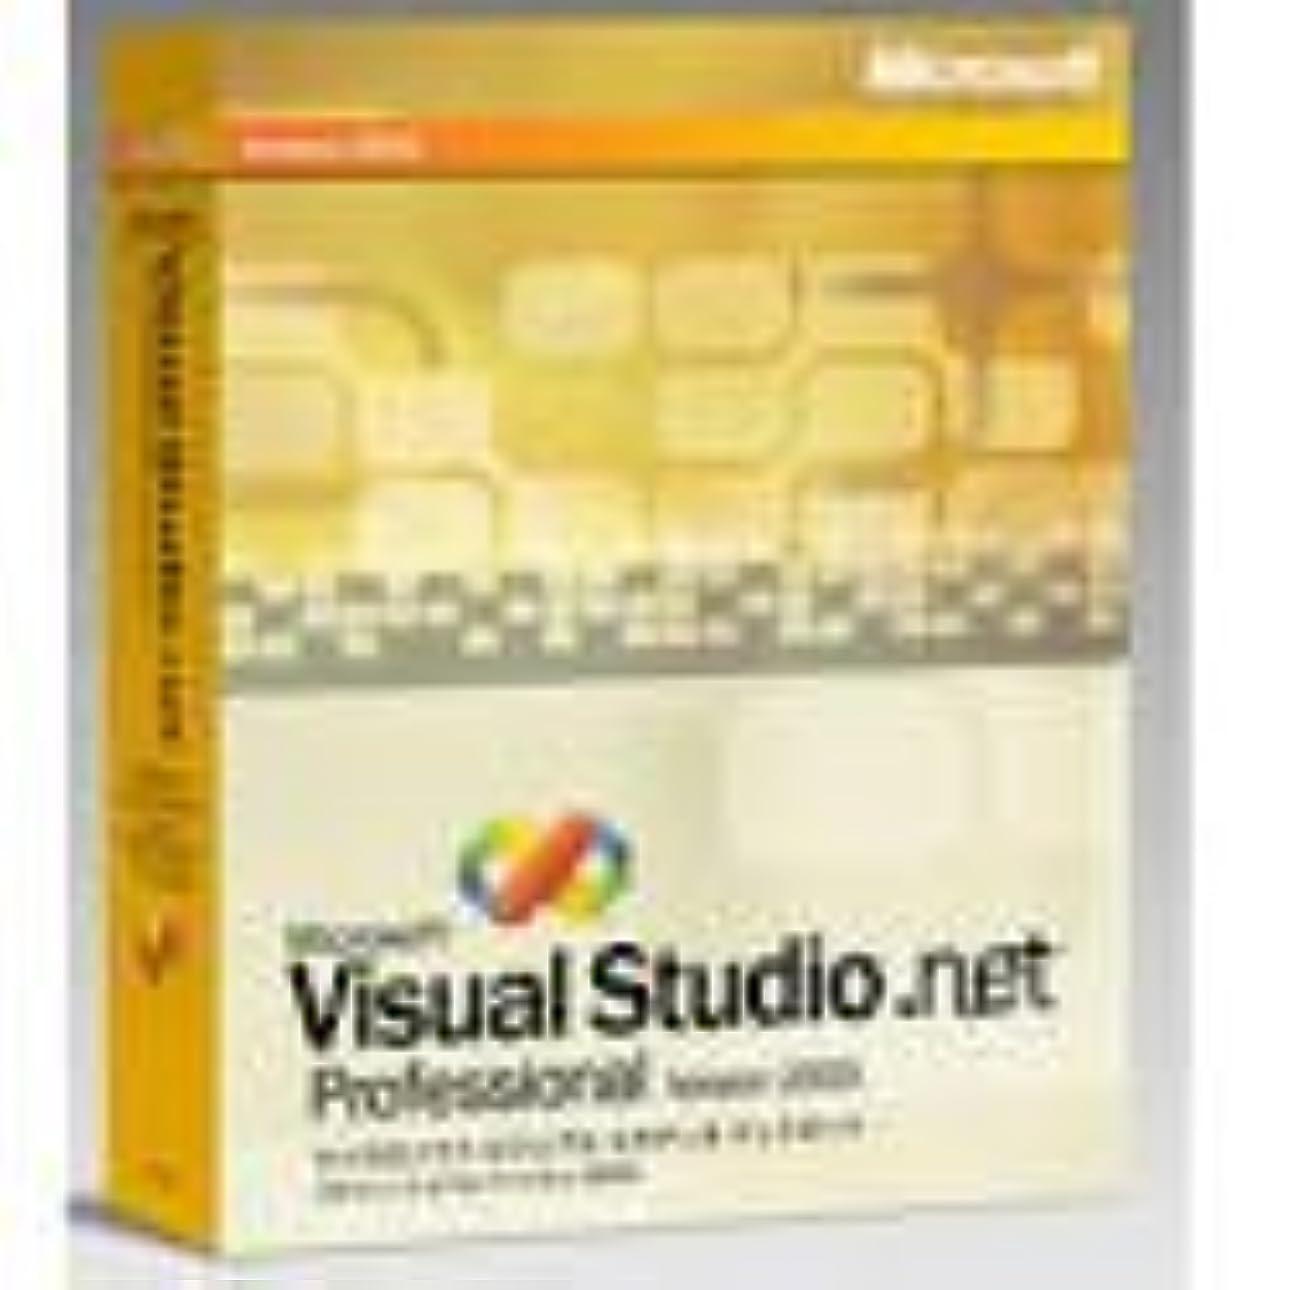 排泄するダースエピソードMicrosoft Visual Studio .NET Professional Version 2003